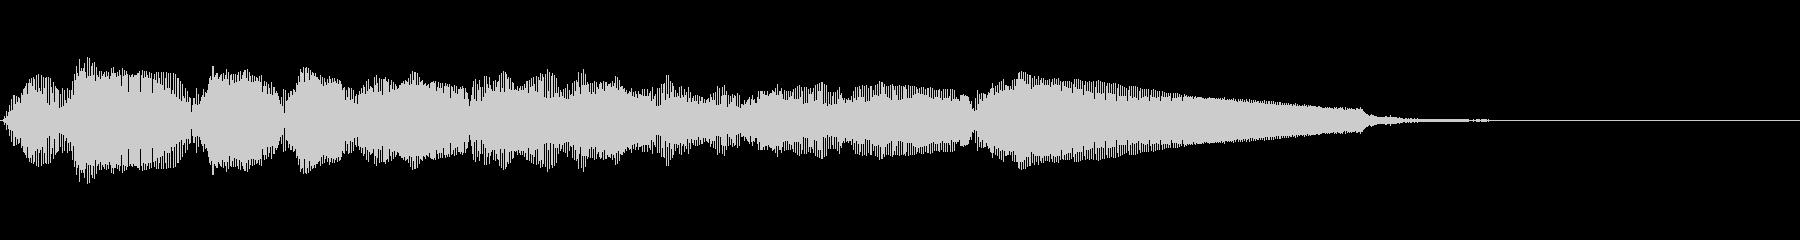 エレキギター6弦チューニング1リバーブの未再生の波形